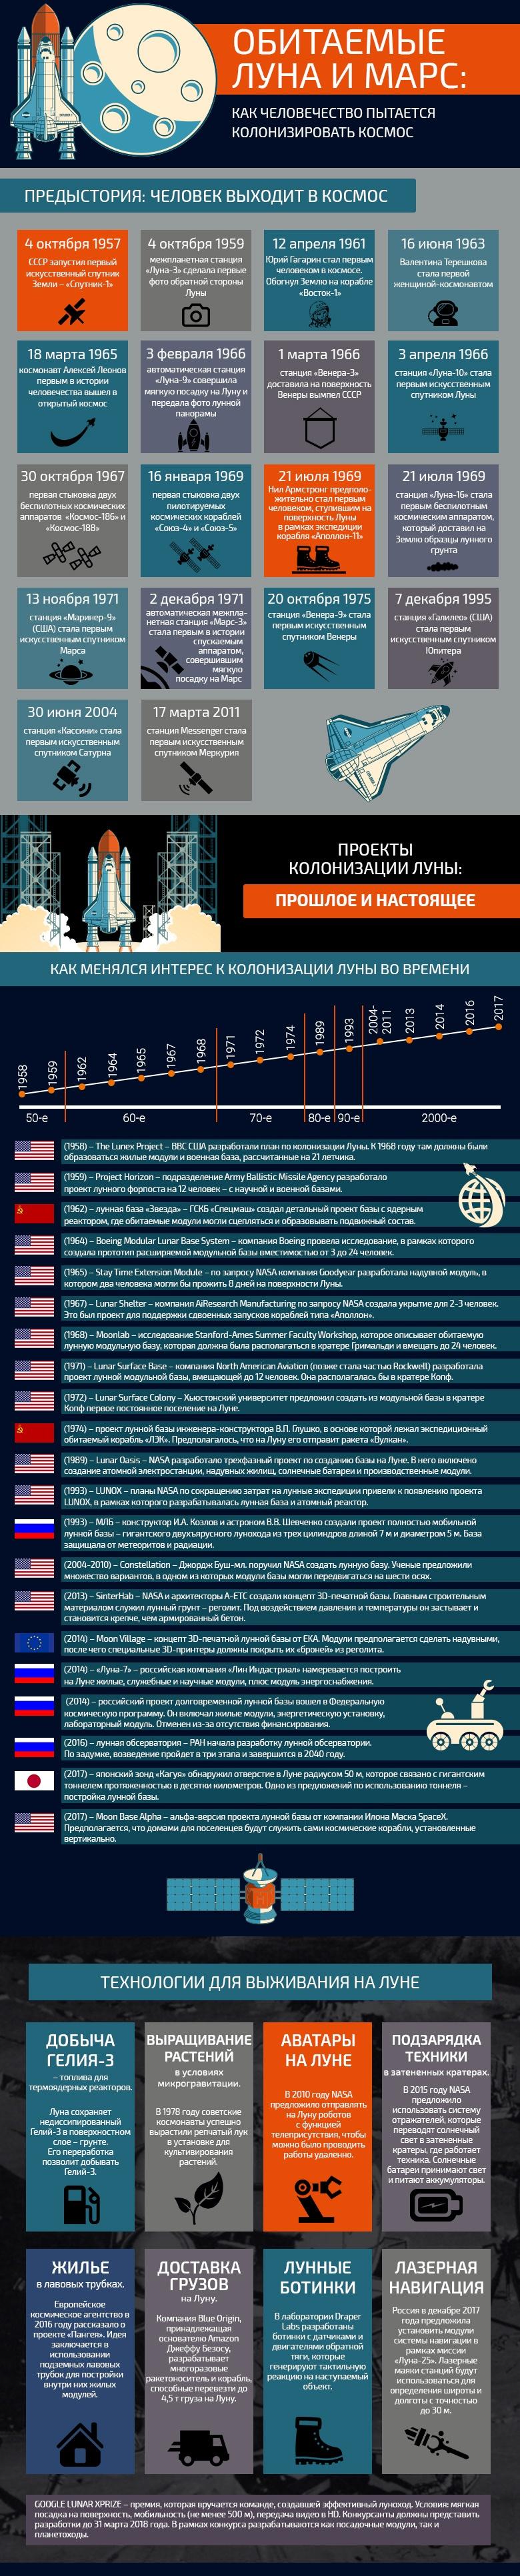 Обитаемые Луна и Марс: как человечество пытается колонизировать космос. Инфографика - 1